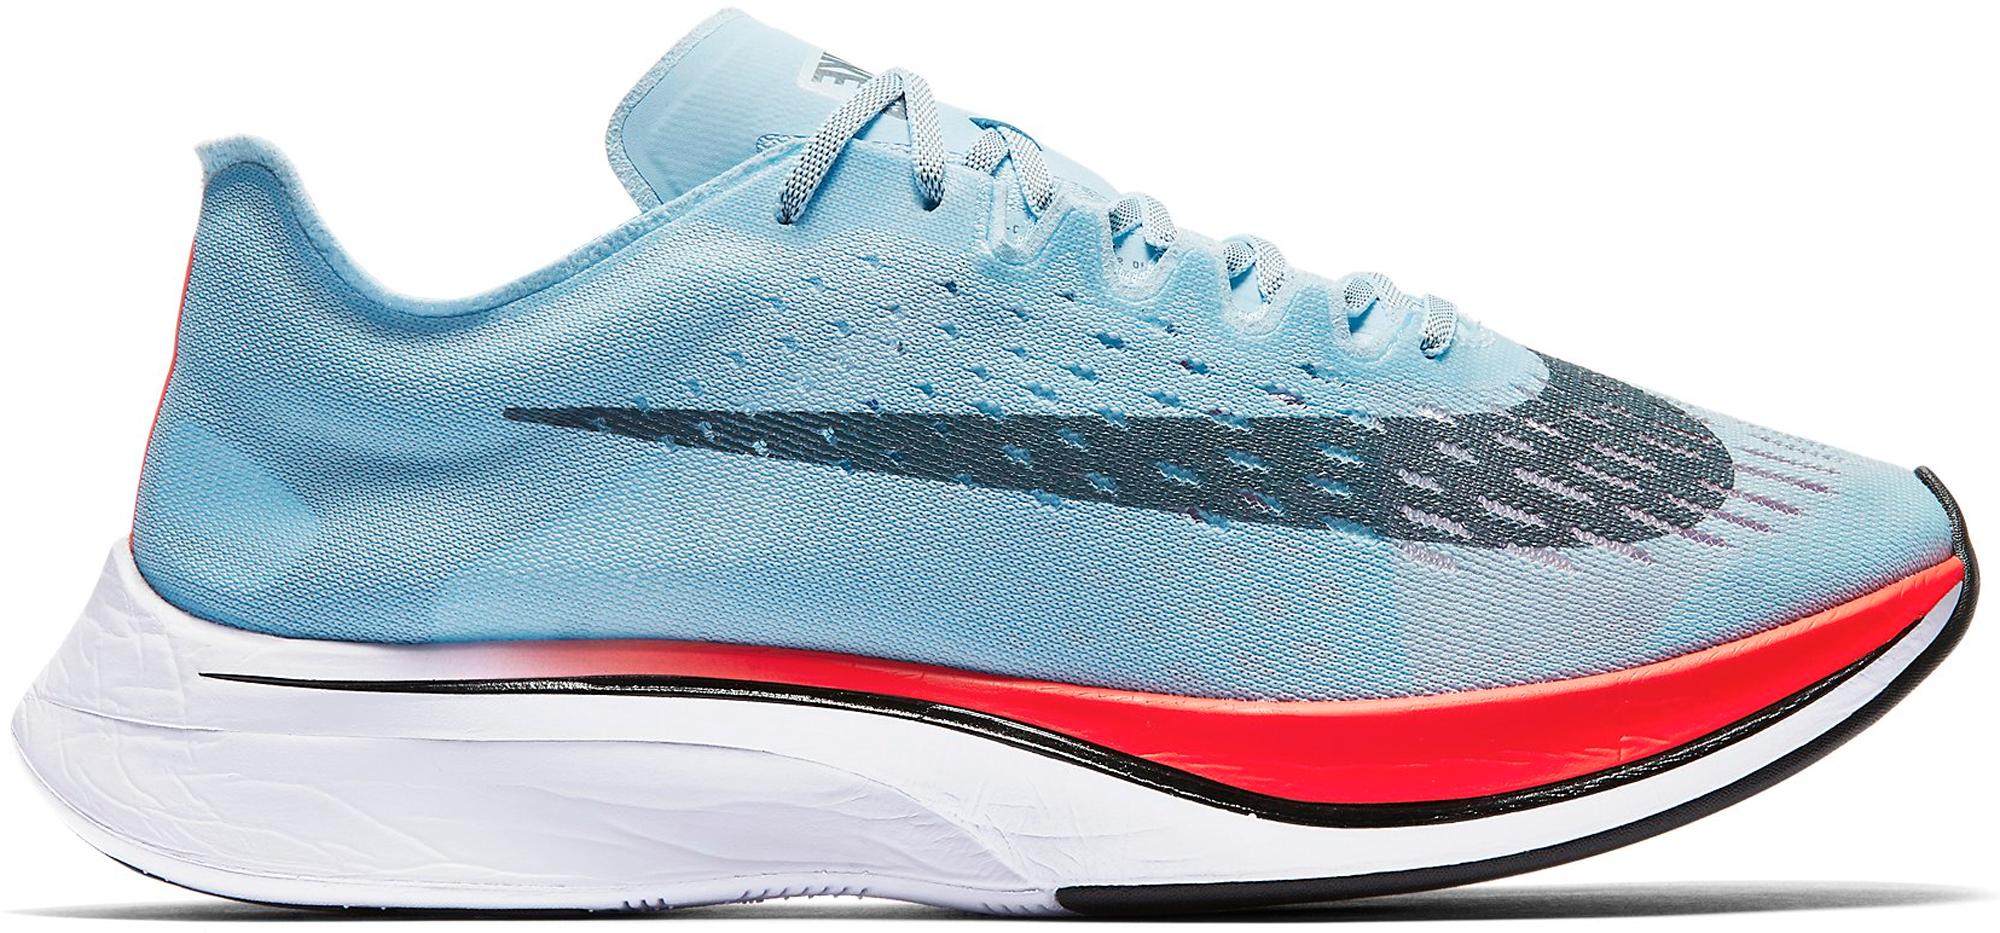 Nike Zoom Vaporfly 4% Ice Blue